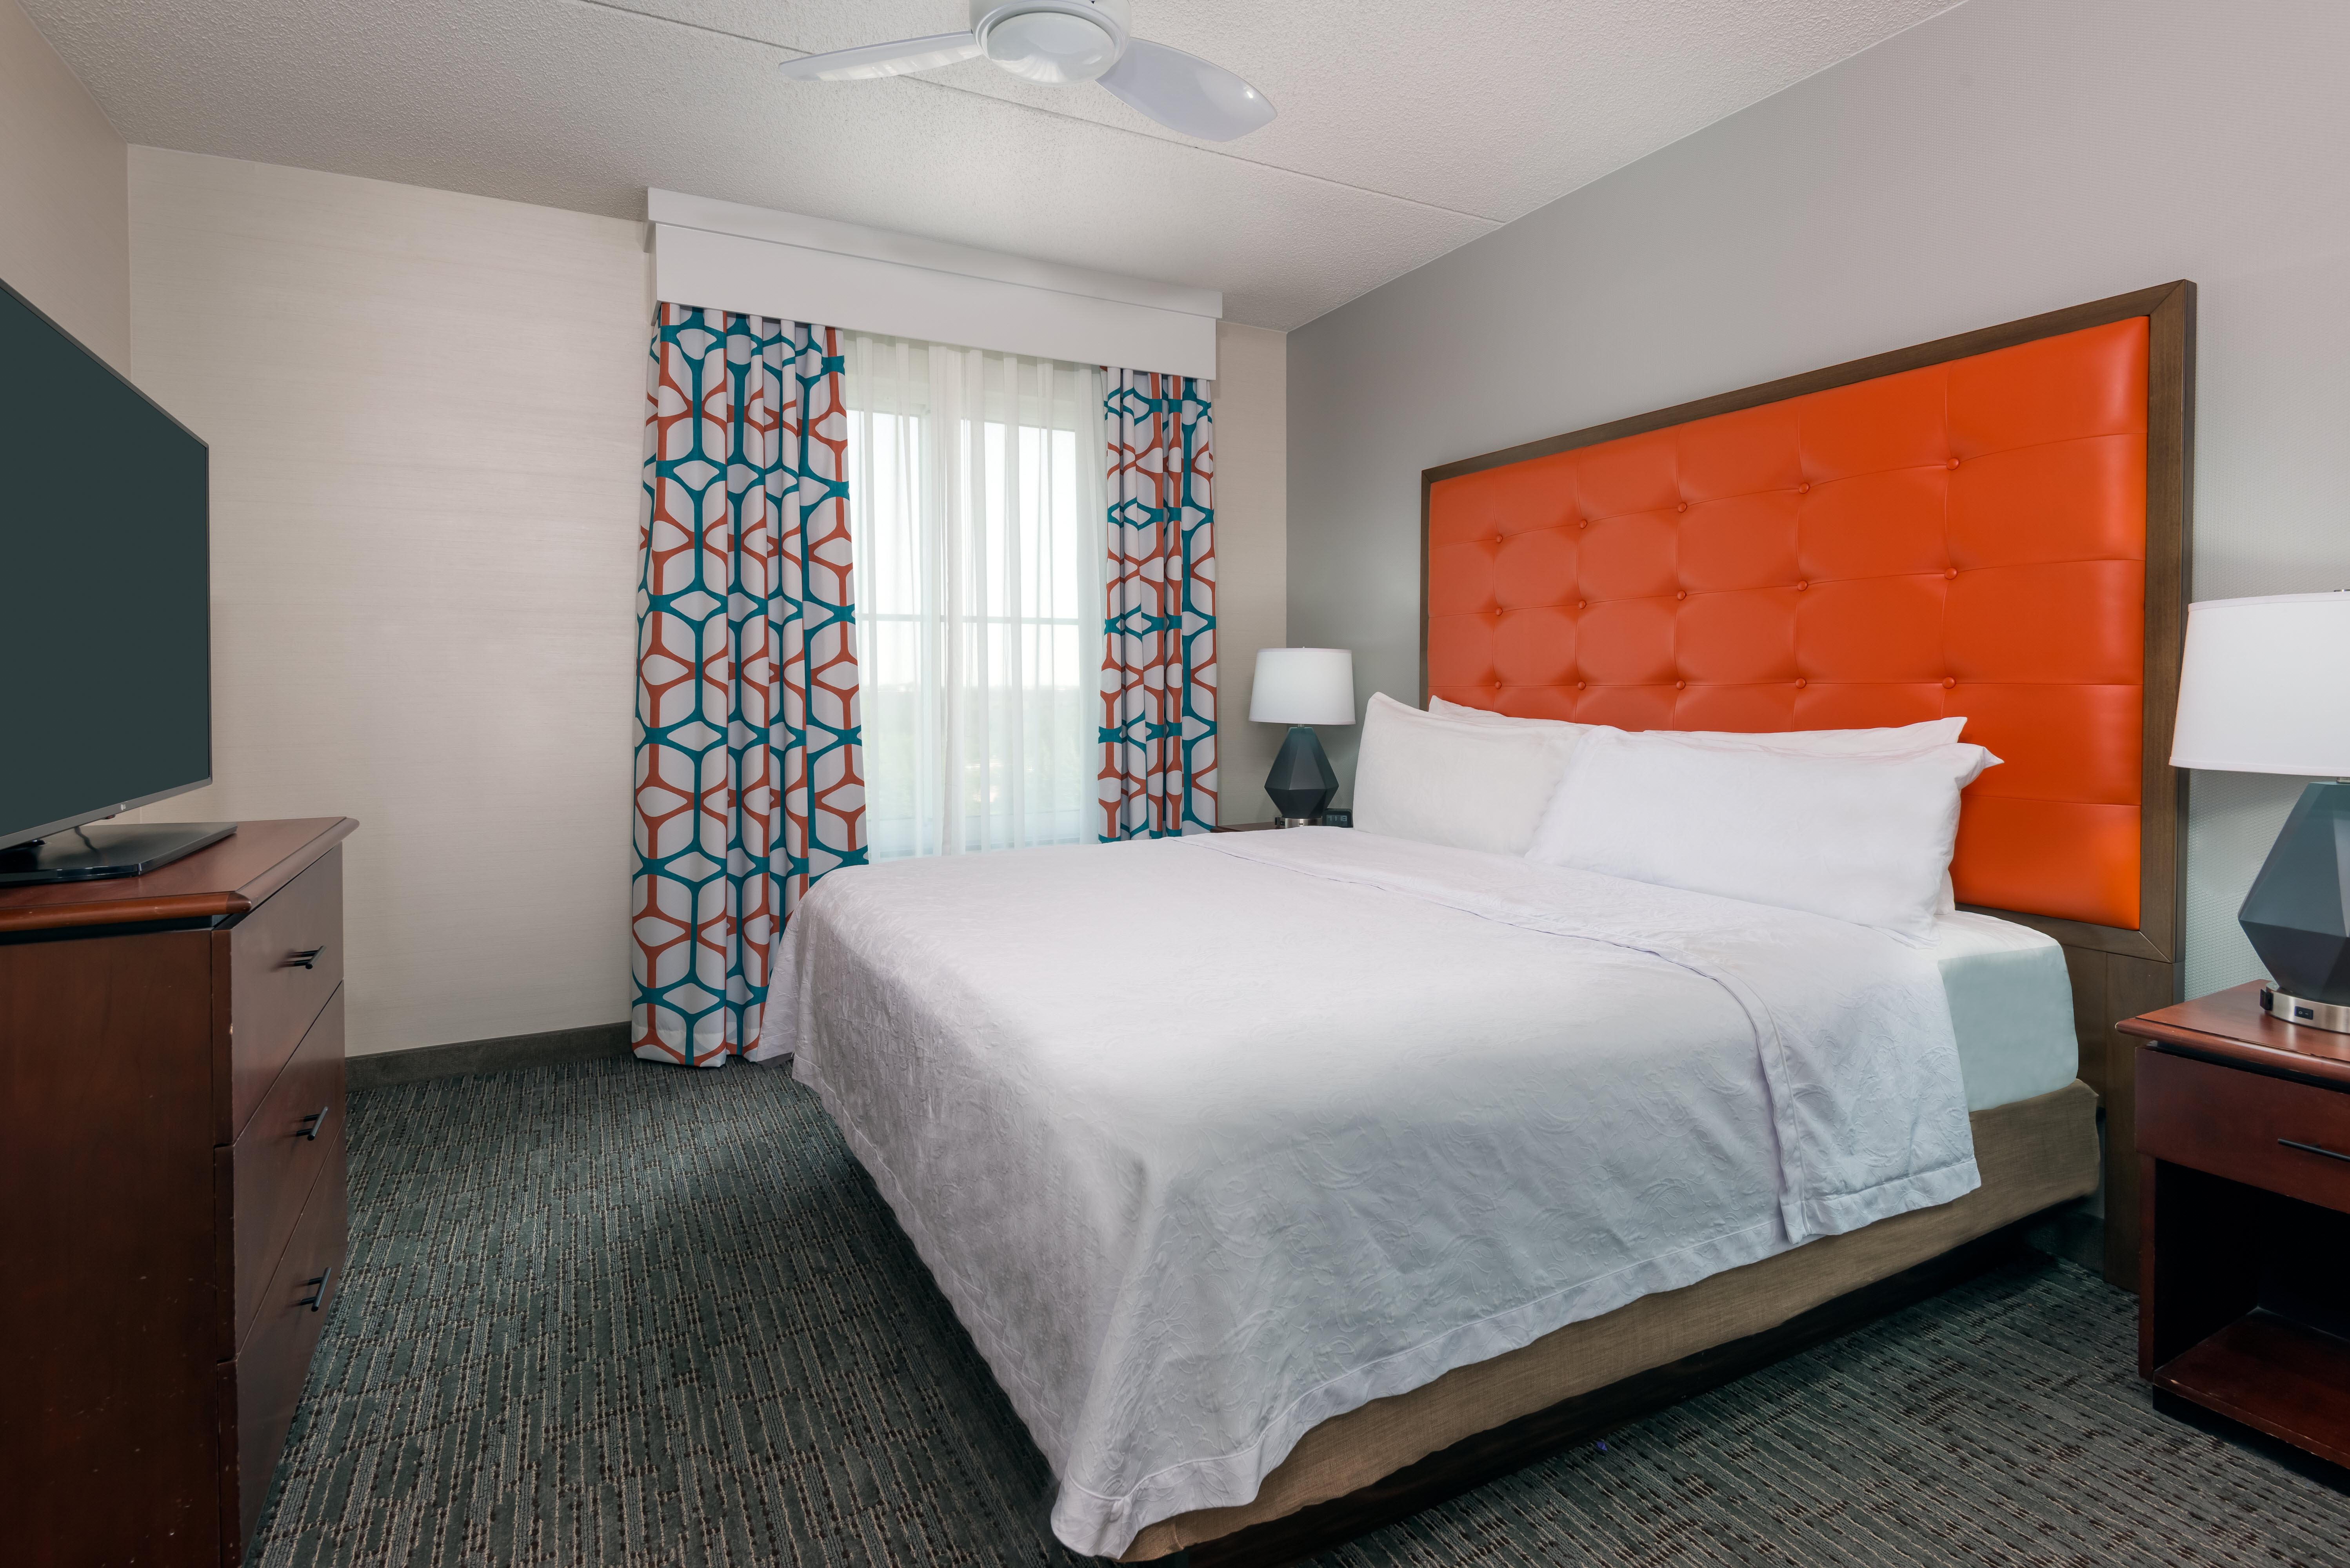 Homewood Suites by Hilton Cleveland-Beachwood image 5